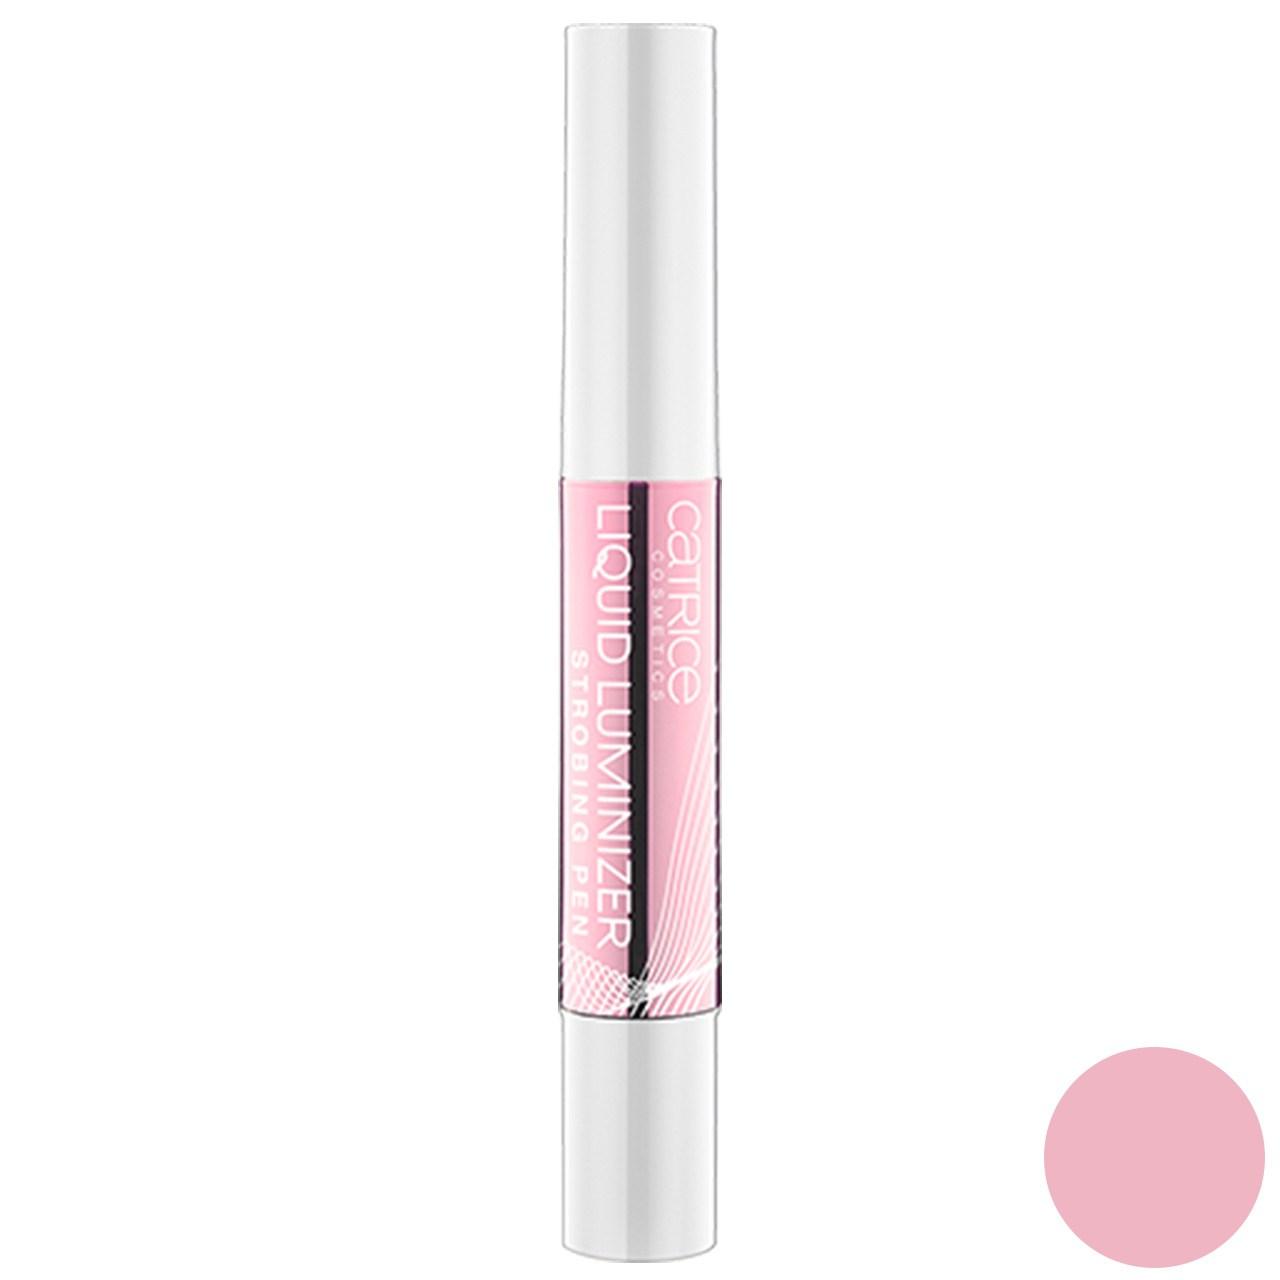 قیمت کانسیلر مدادی کاتریس مدل Liquid Luminizer شماره 010